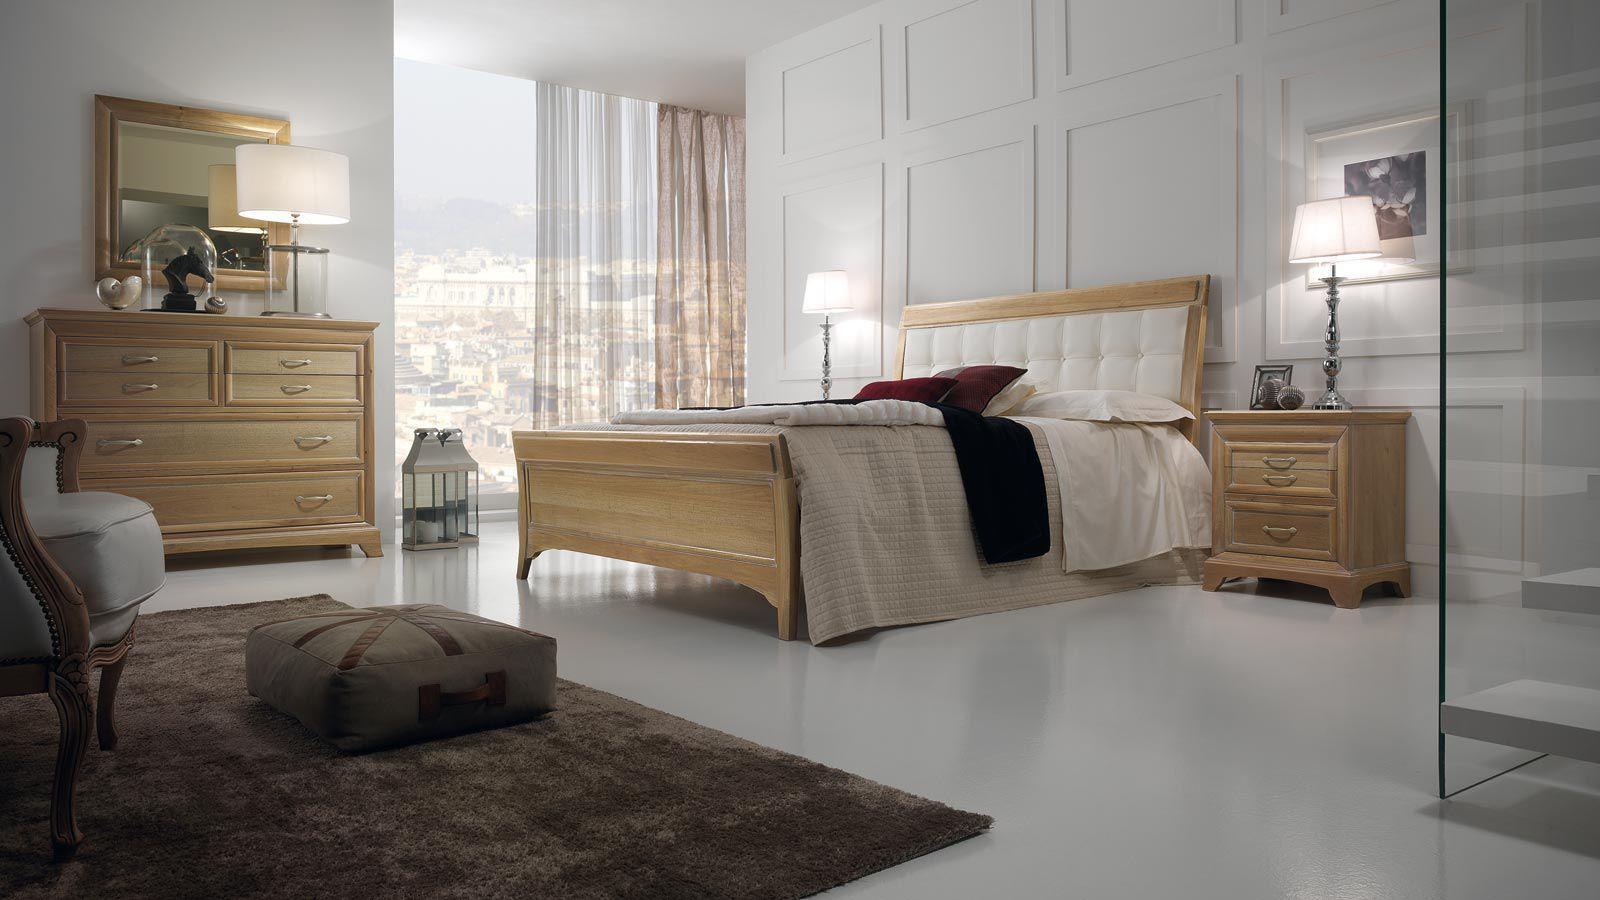 Disegno Idea » camere da letto in noce massima chiarezza foto Camere ...